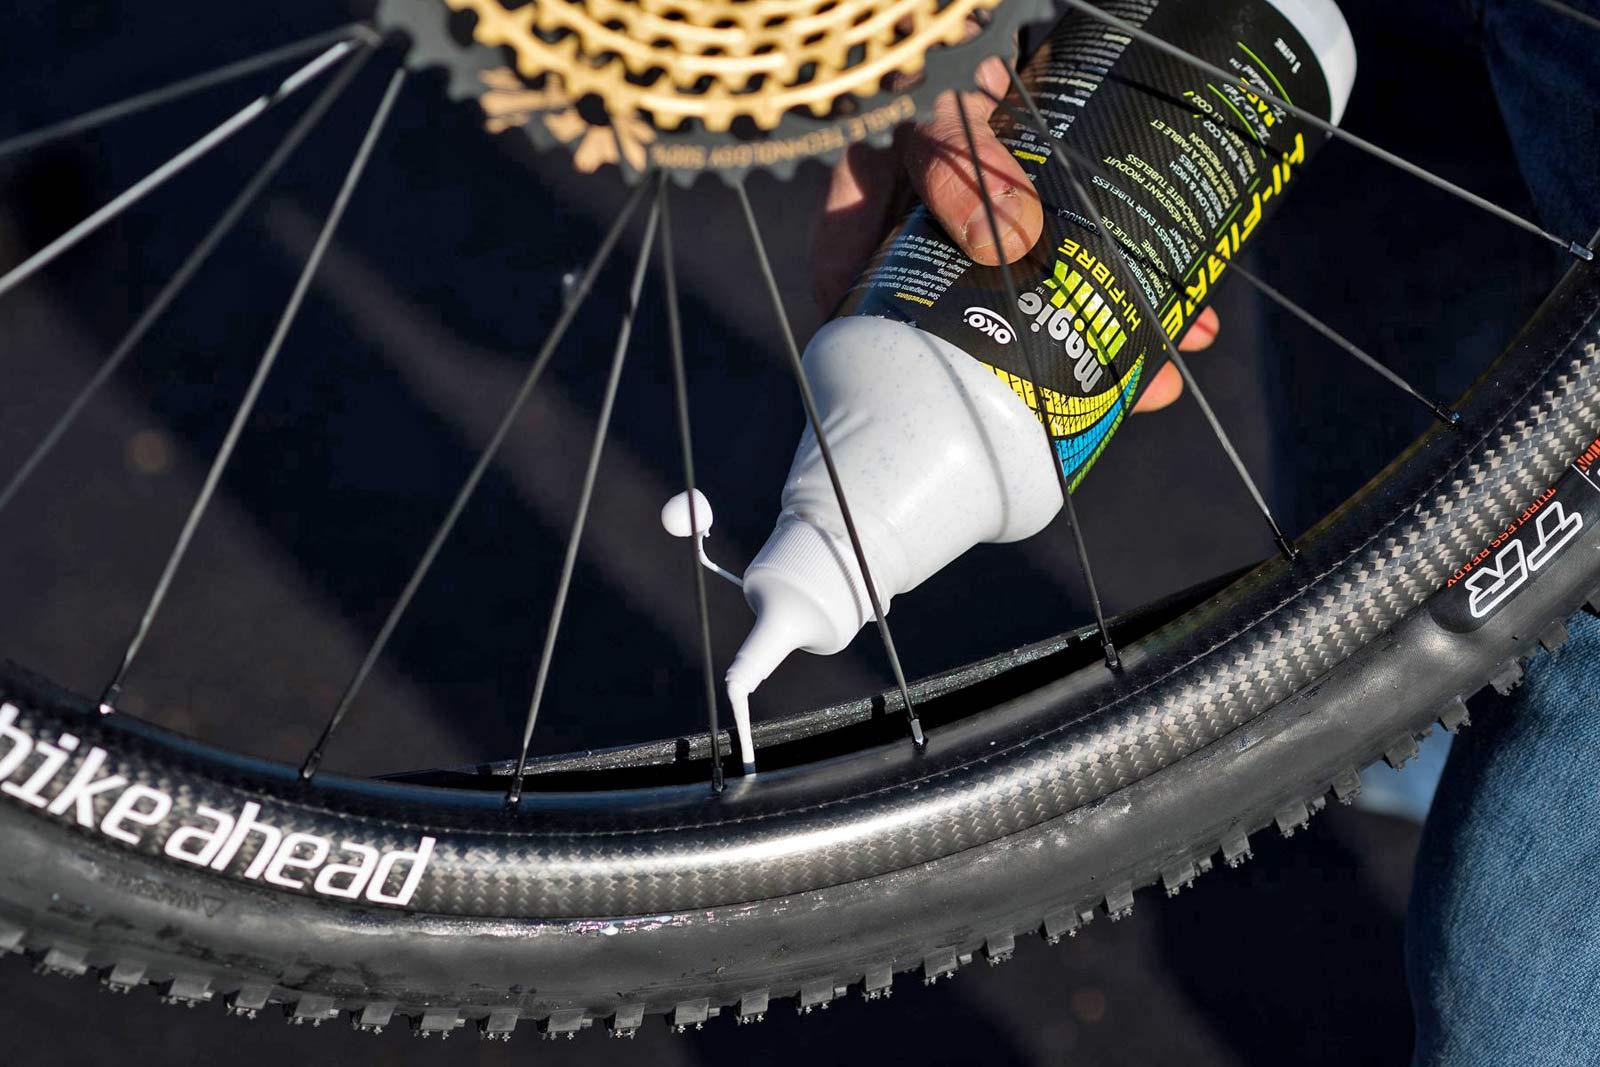 OKO Magic Milk Hi-Fibre sealant high-pressure road, low-pressure DH CX MTB race spec tubeless tire tyre sealant